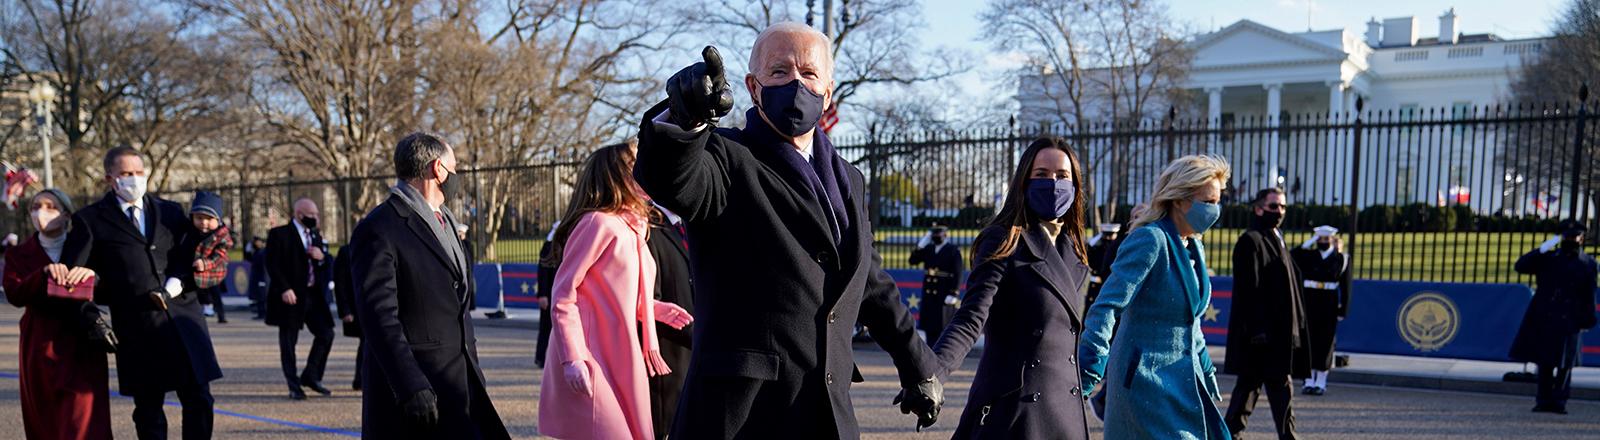 Joe Biden läuft mit seiner Frau, seinen Kindern und Enkelkindern Richtung Weißes Haus, das im Hintergrund zu sehen ist; es ist sein Amtsantritt (20.01.2021), Foto: dpa